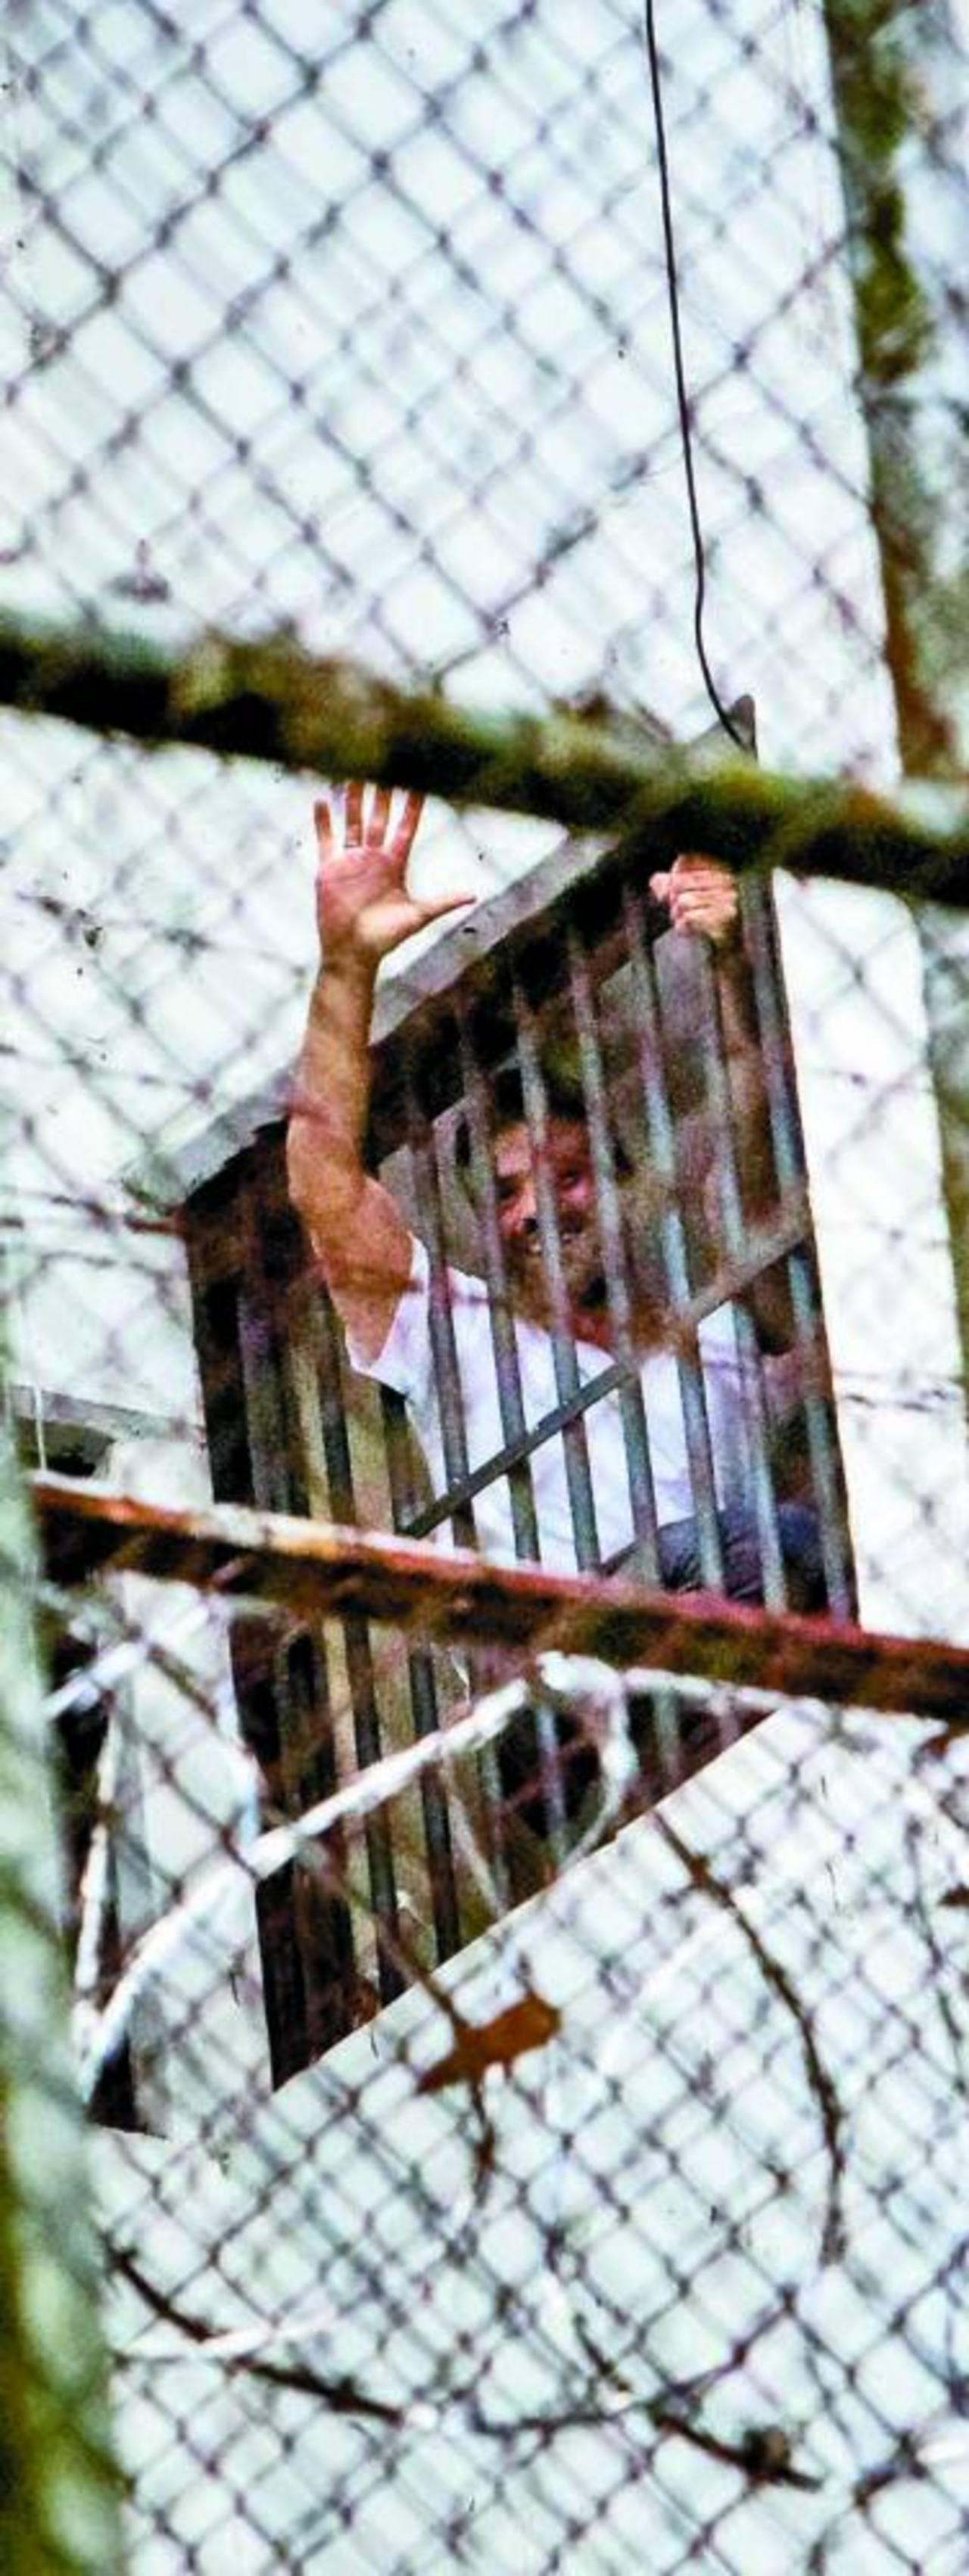 El dirigente Leopoldo López se asoma por una ventana de su celda, el 15 de noviembre.